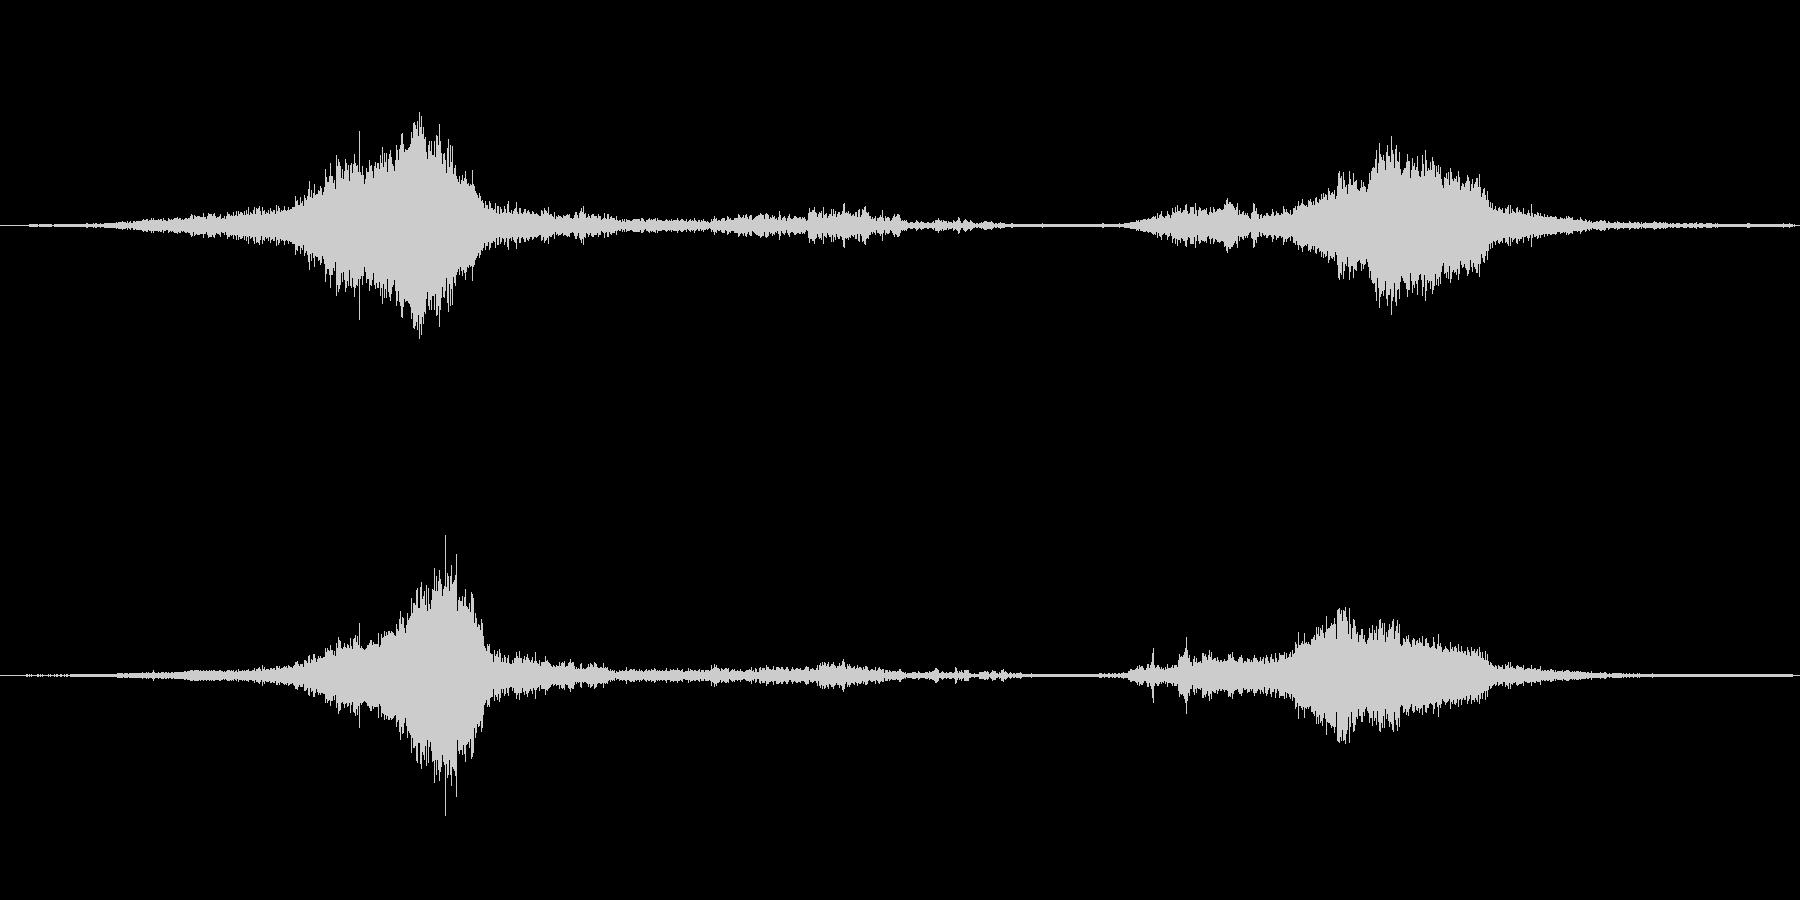 1978シェビーヴァン:高速でドラ...の未再生の波形